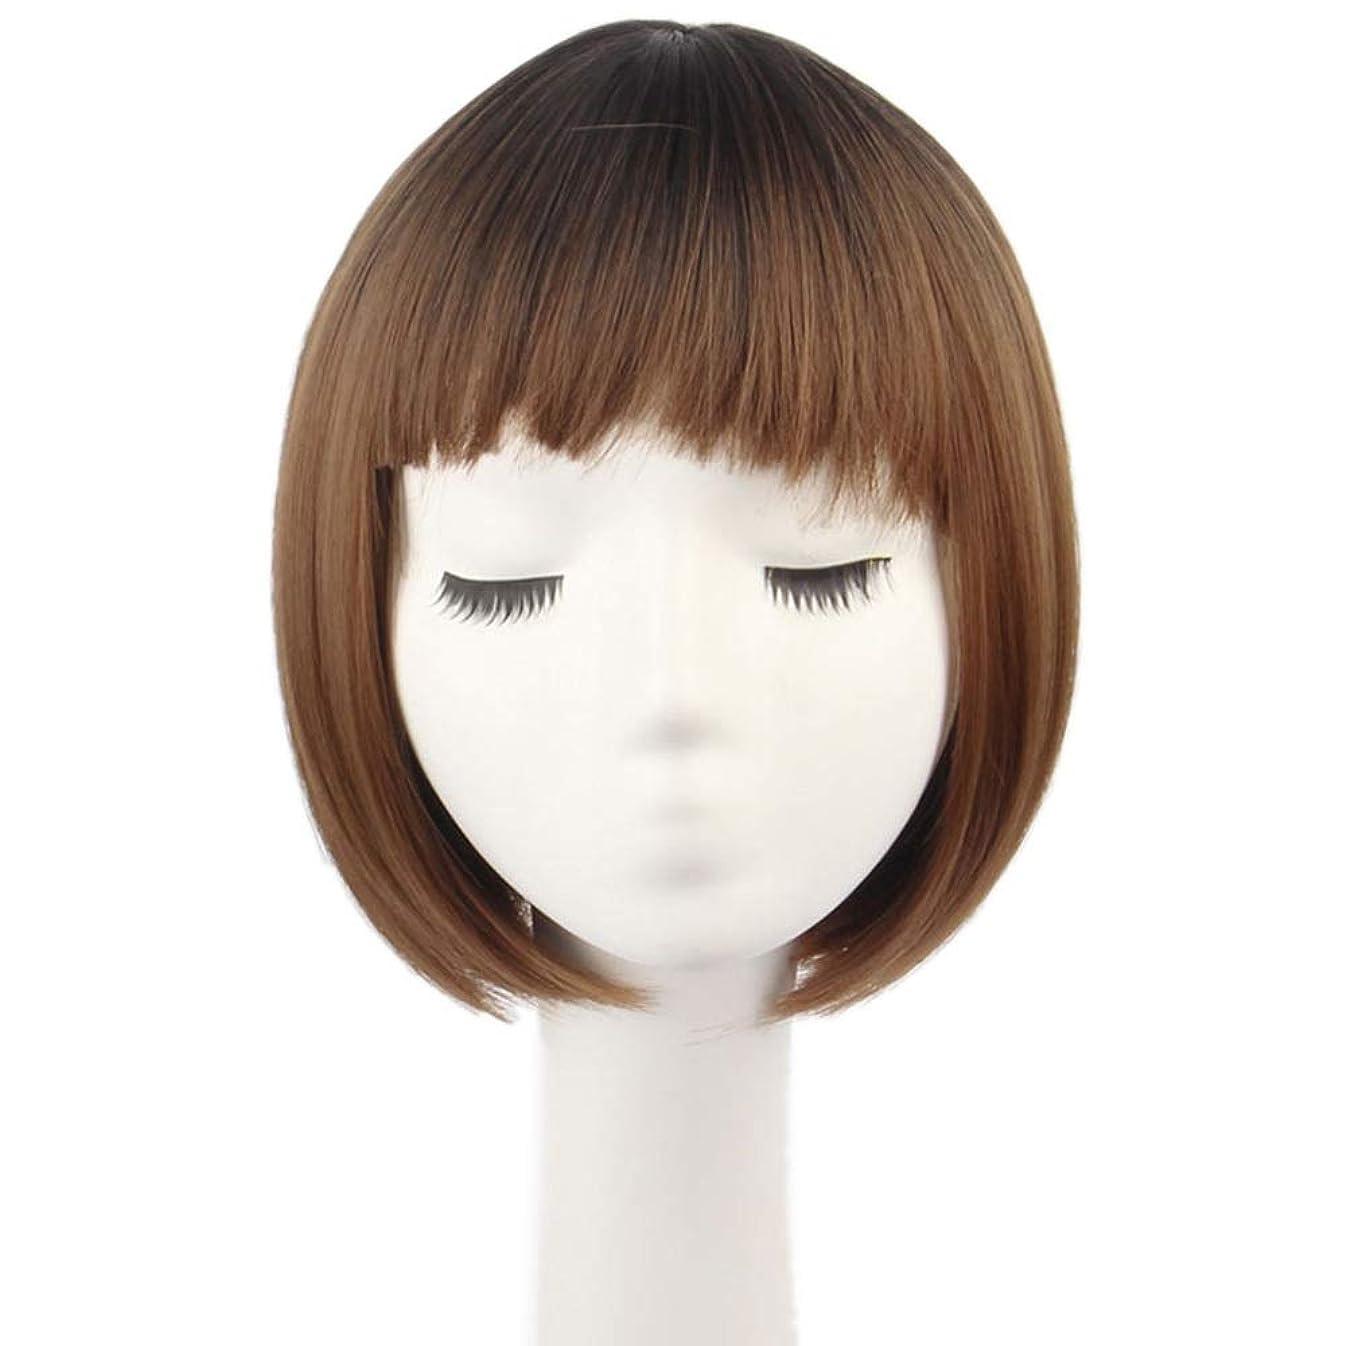 屈辱する維持支援するIsikawan 前髪付きふわふわボブ自然なハンサムかつら女性用デイリードレスダークルーツライトブラウンショート (色 : Photo Color, サイズ : 20 inches)